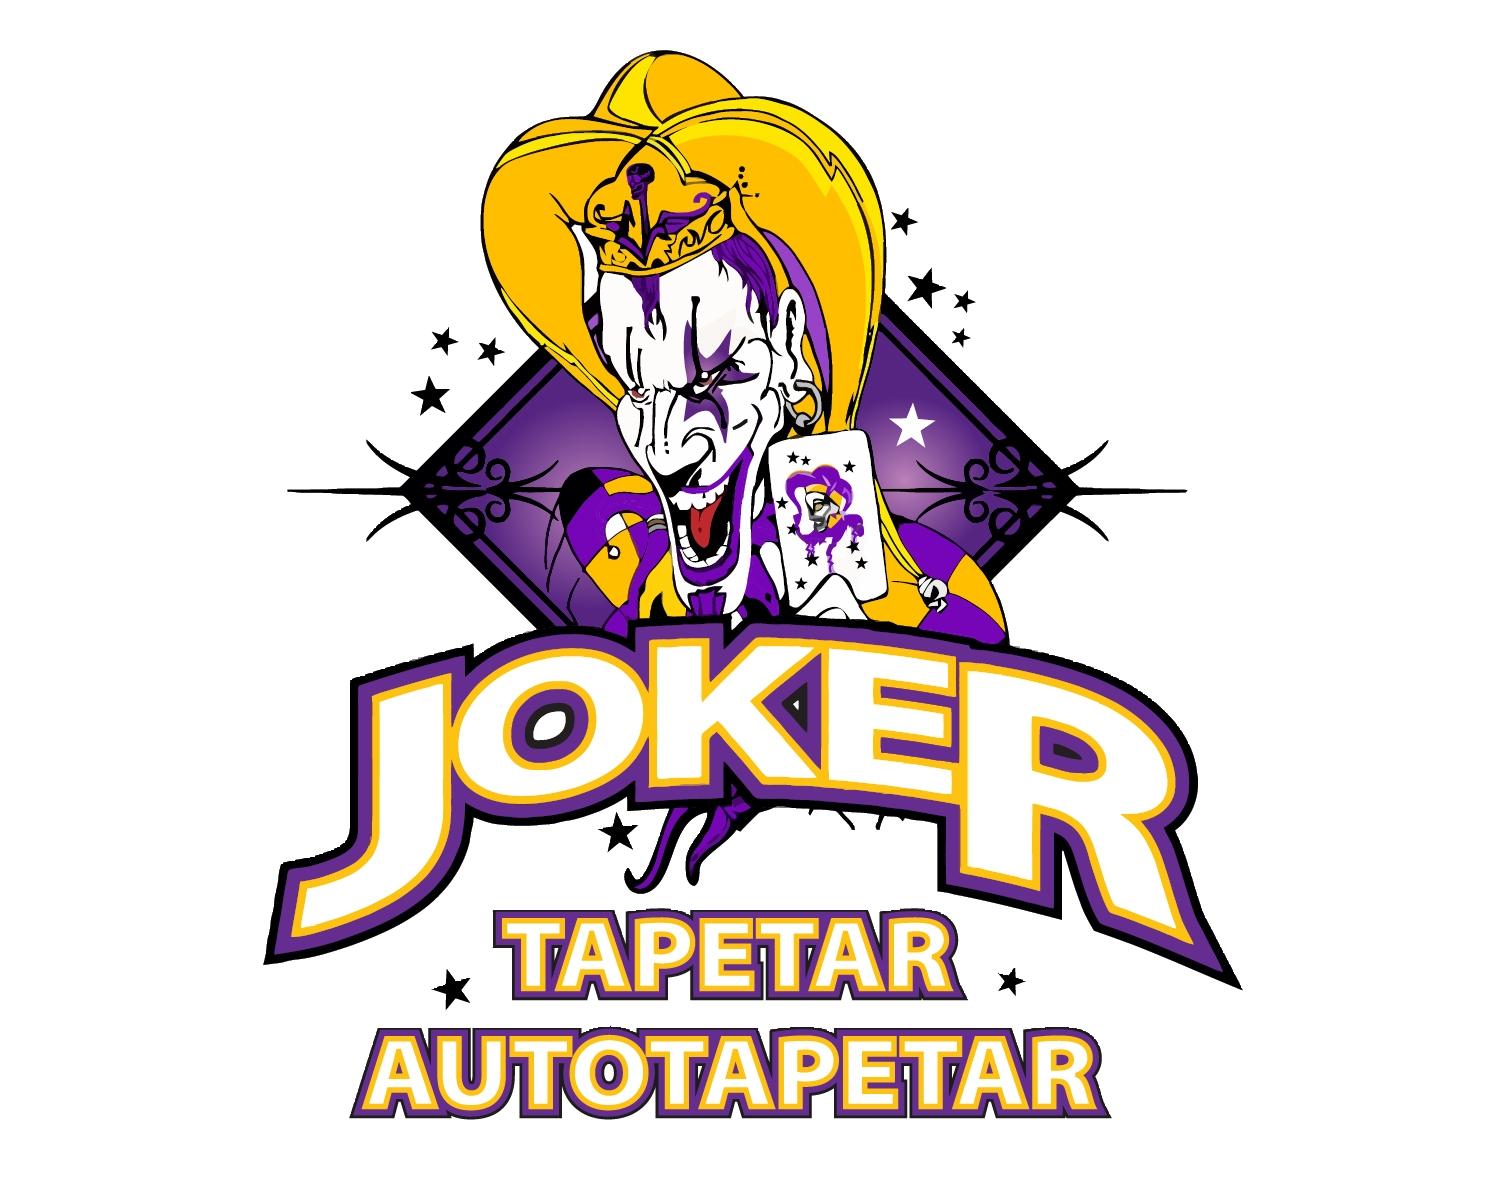 Autotapetar JOKER Beograd